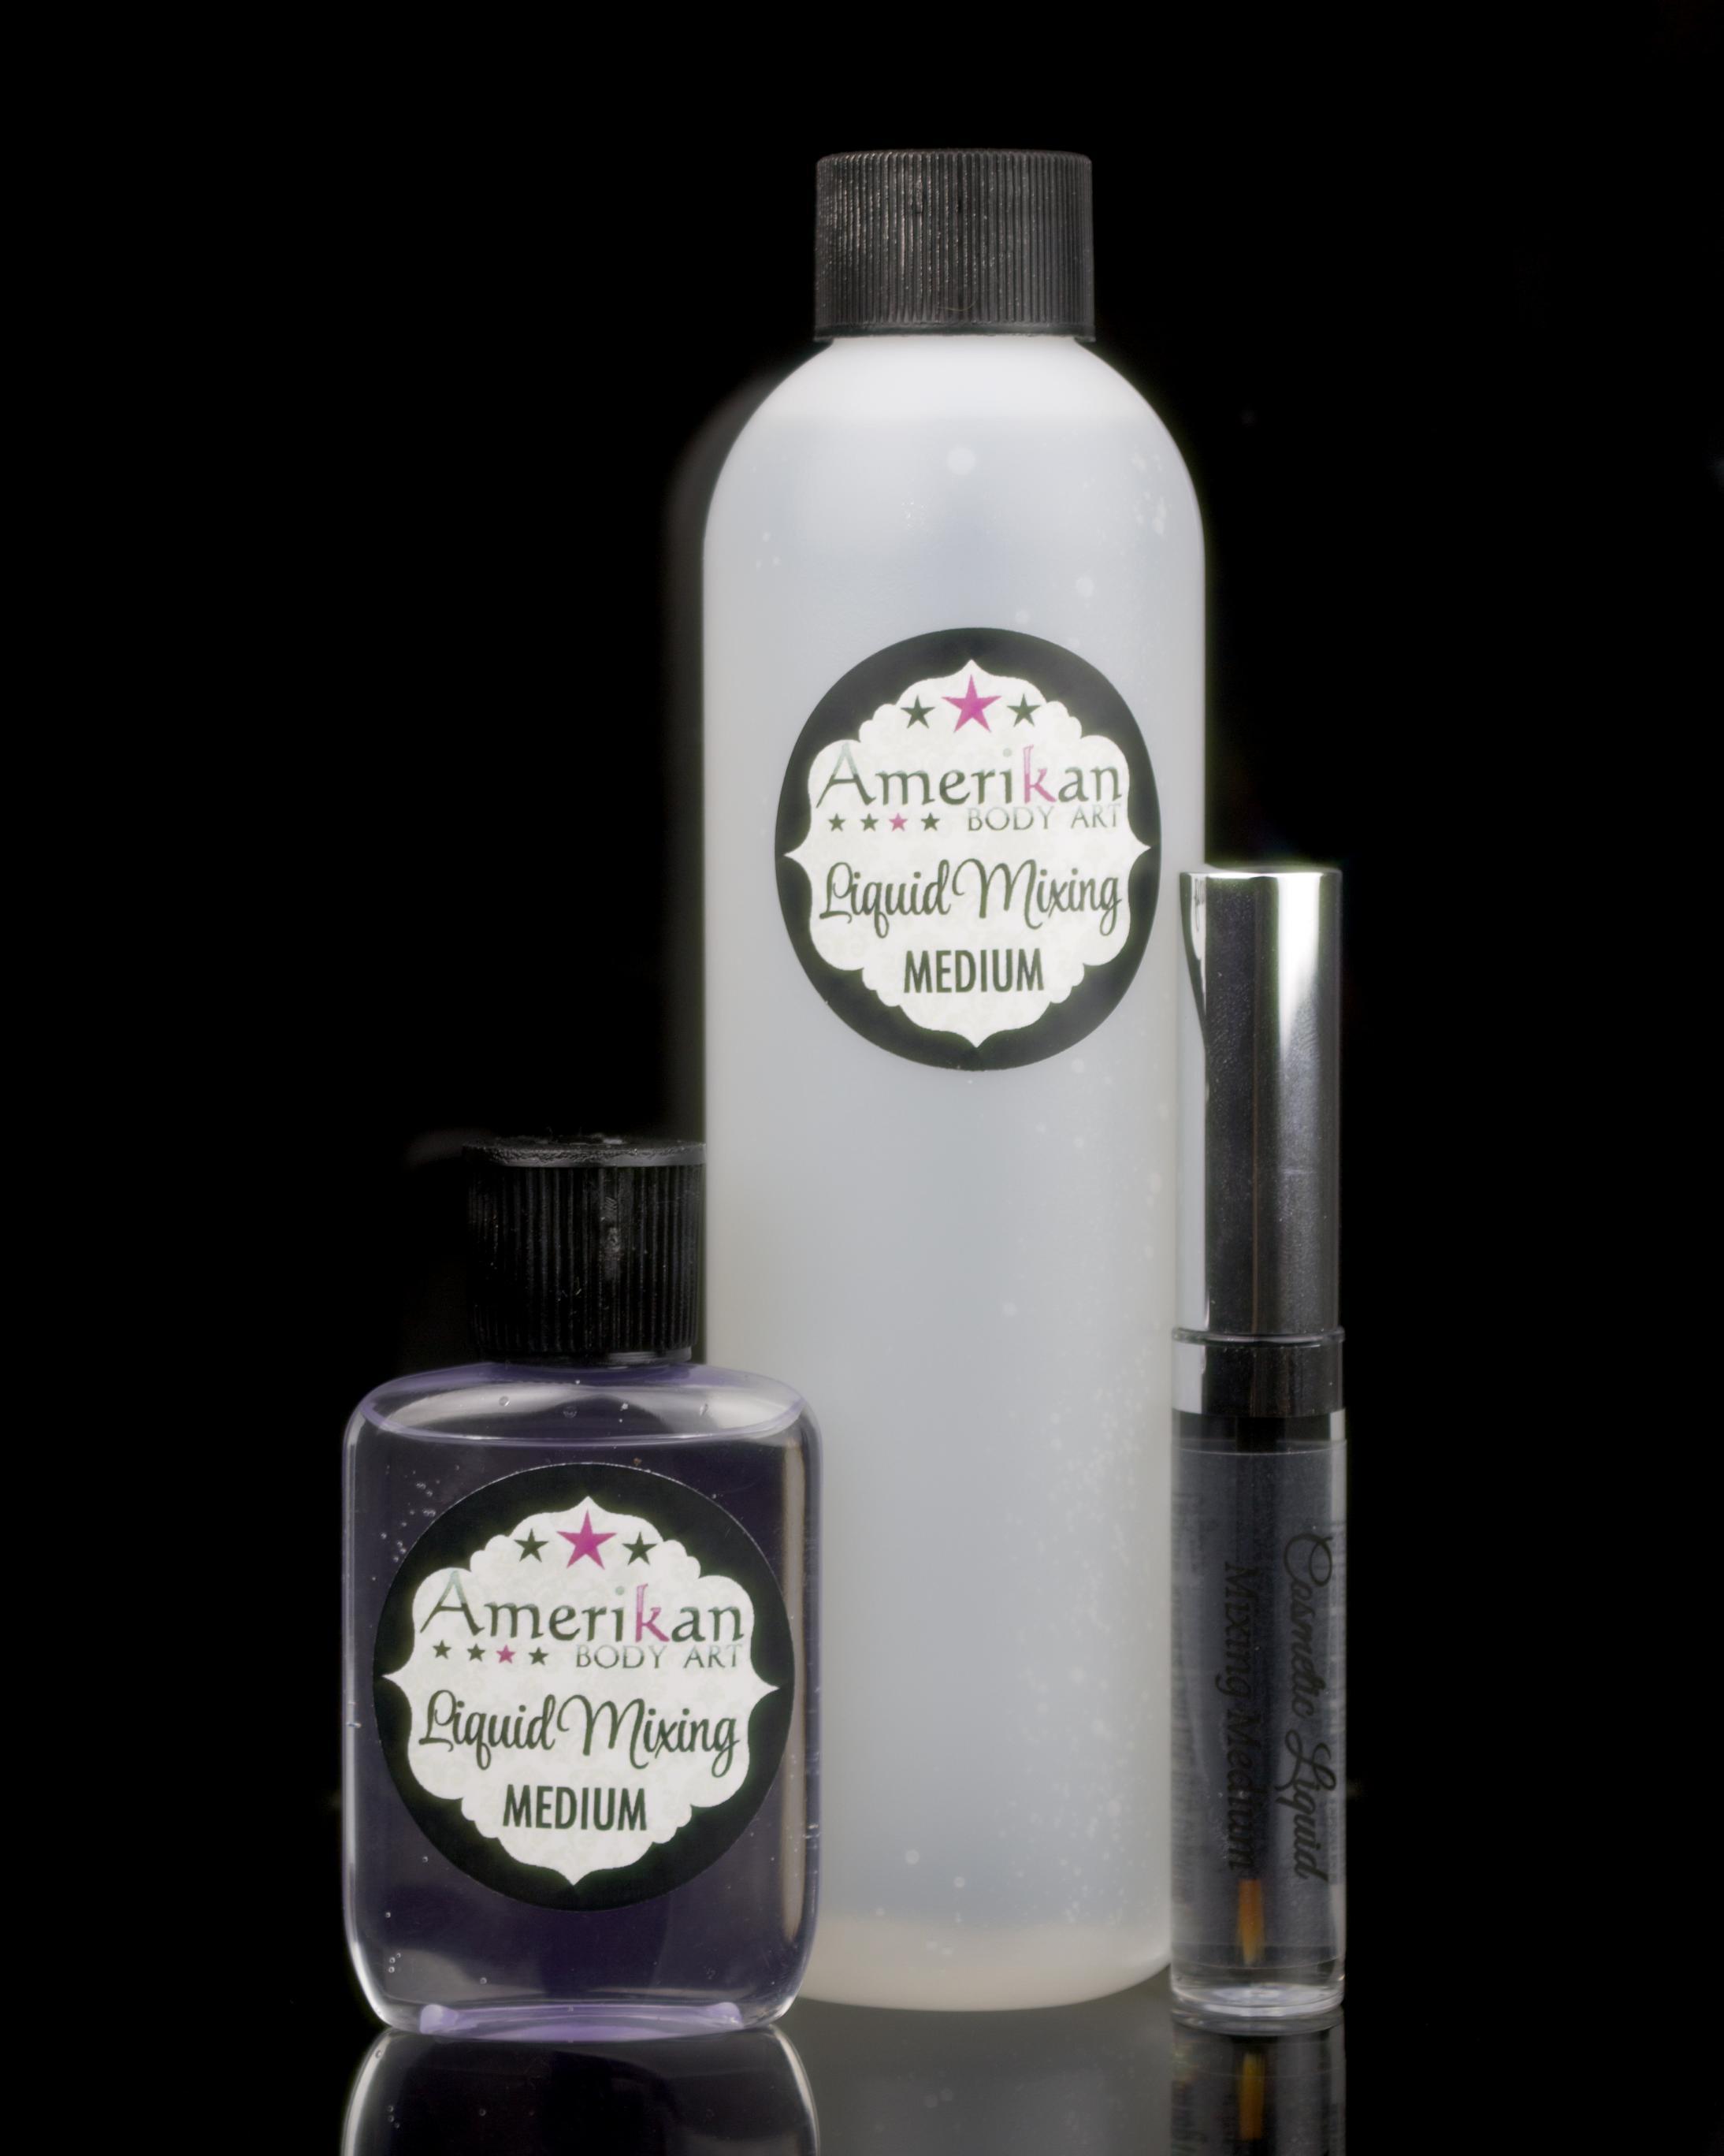 Cosmetic Liquid Mixing Medium